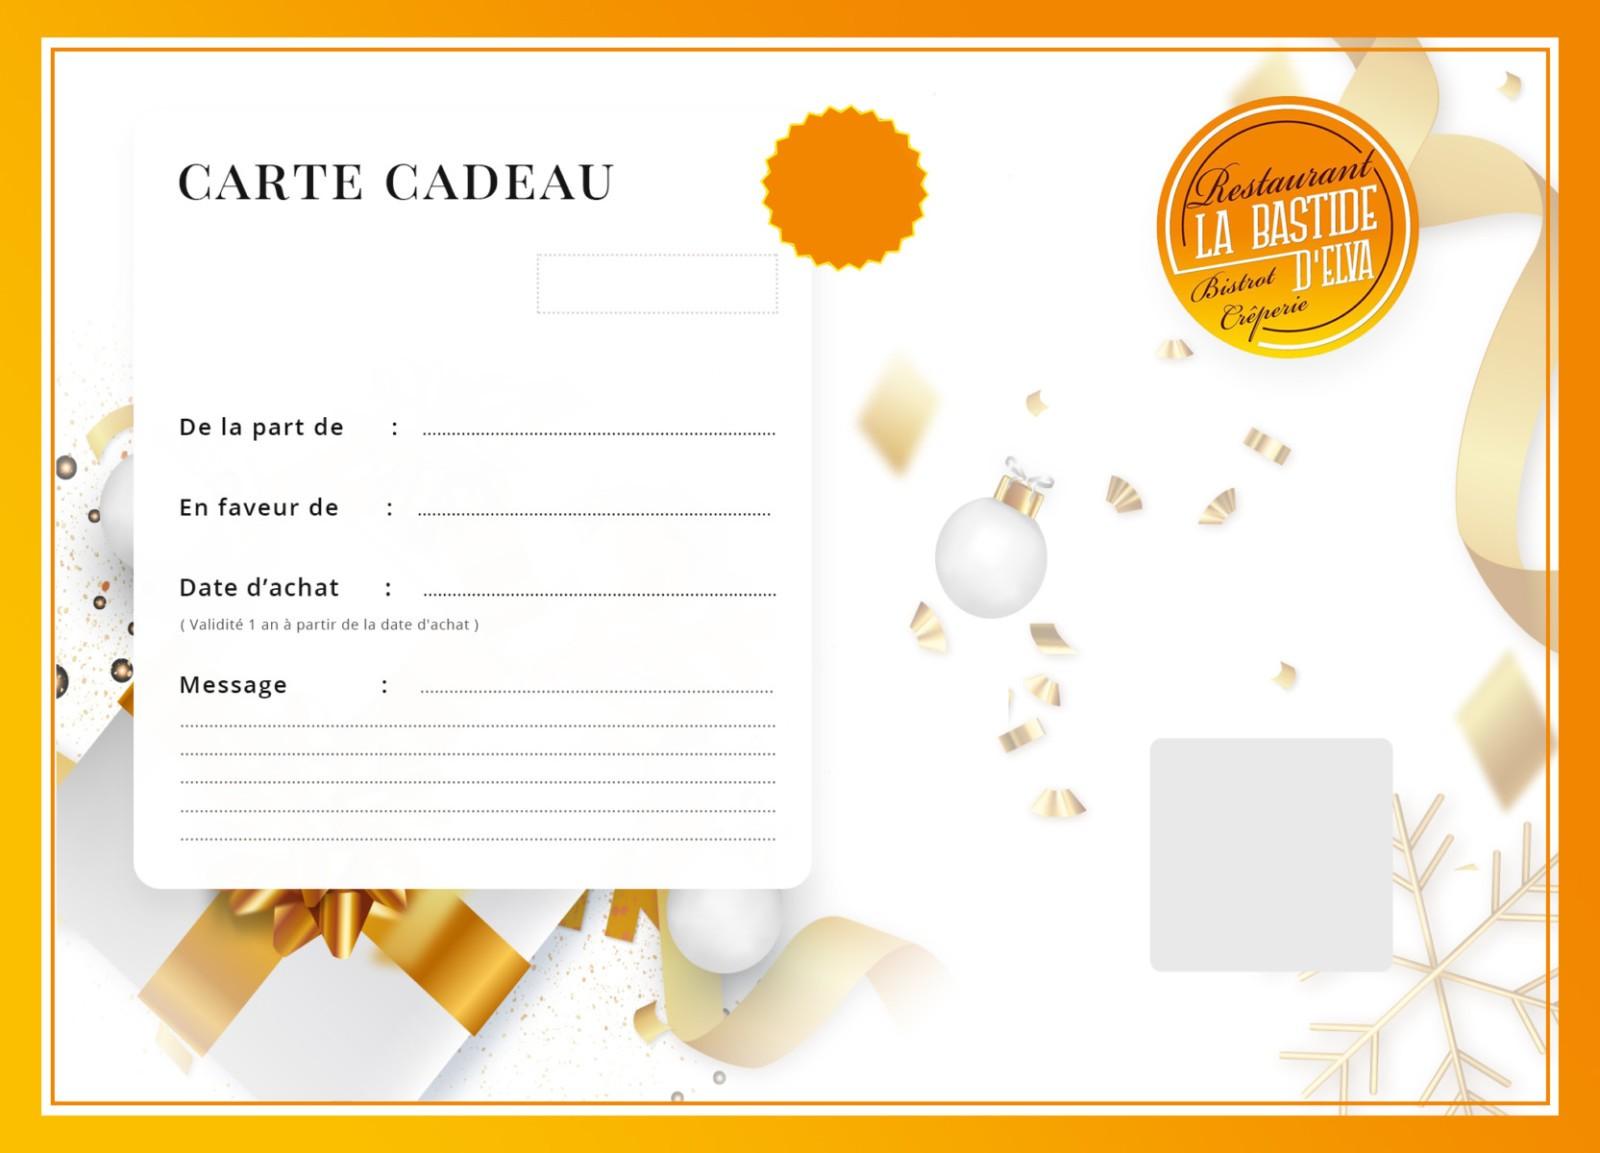 LA BASTIDE DELVA Restaurant Laval Carte Cadeau 2